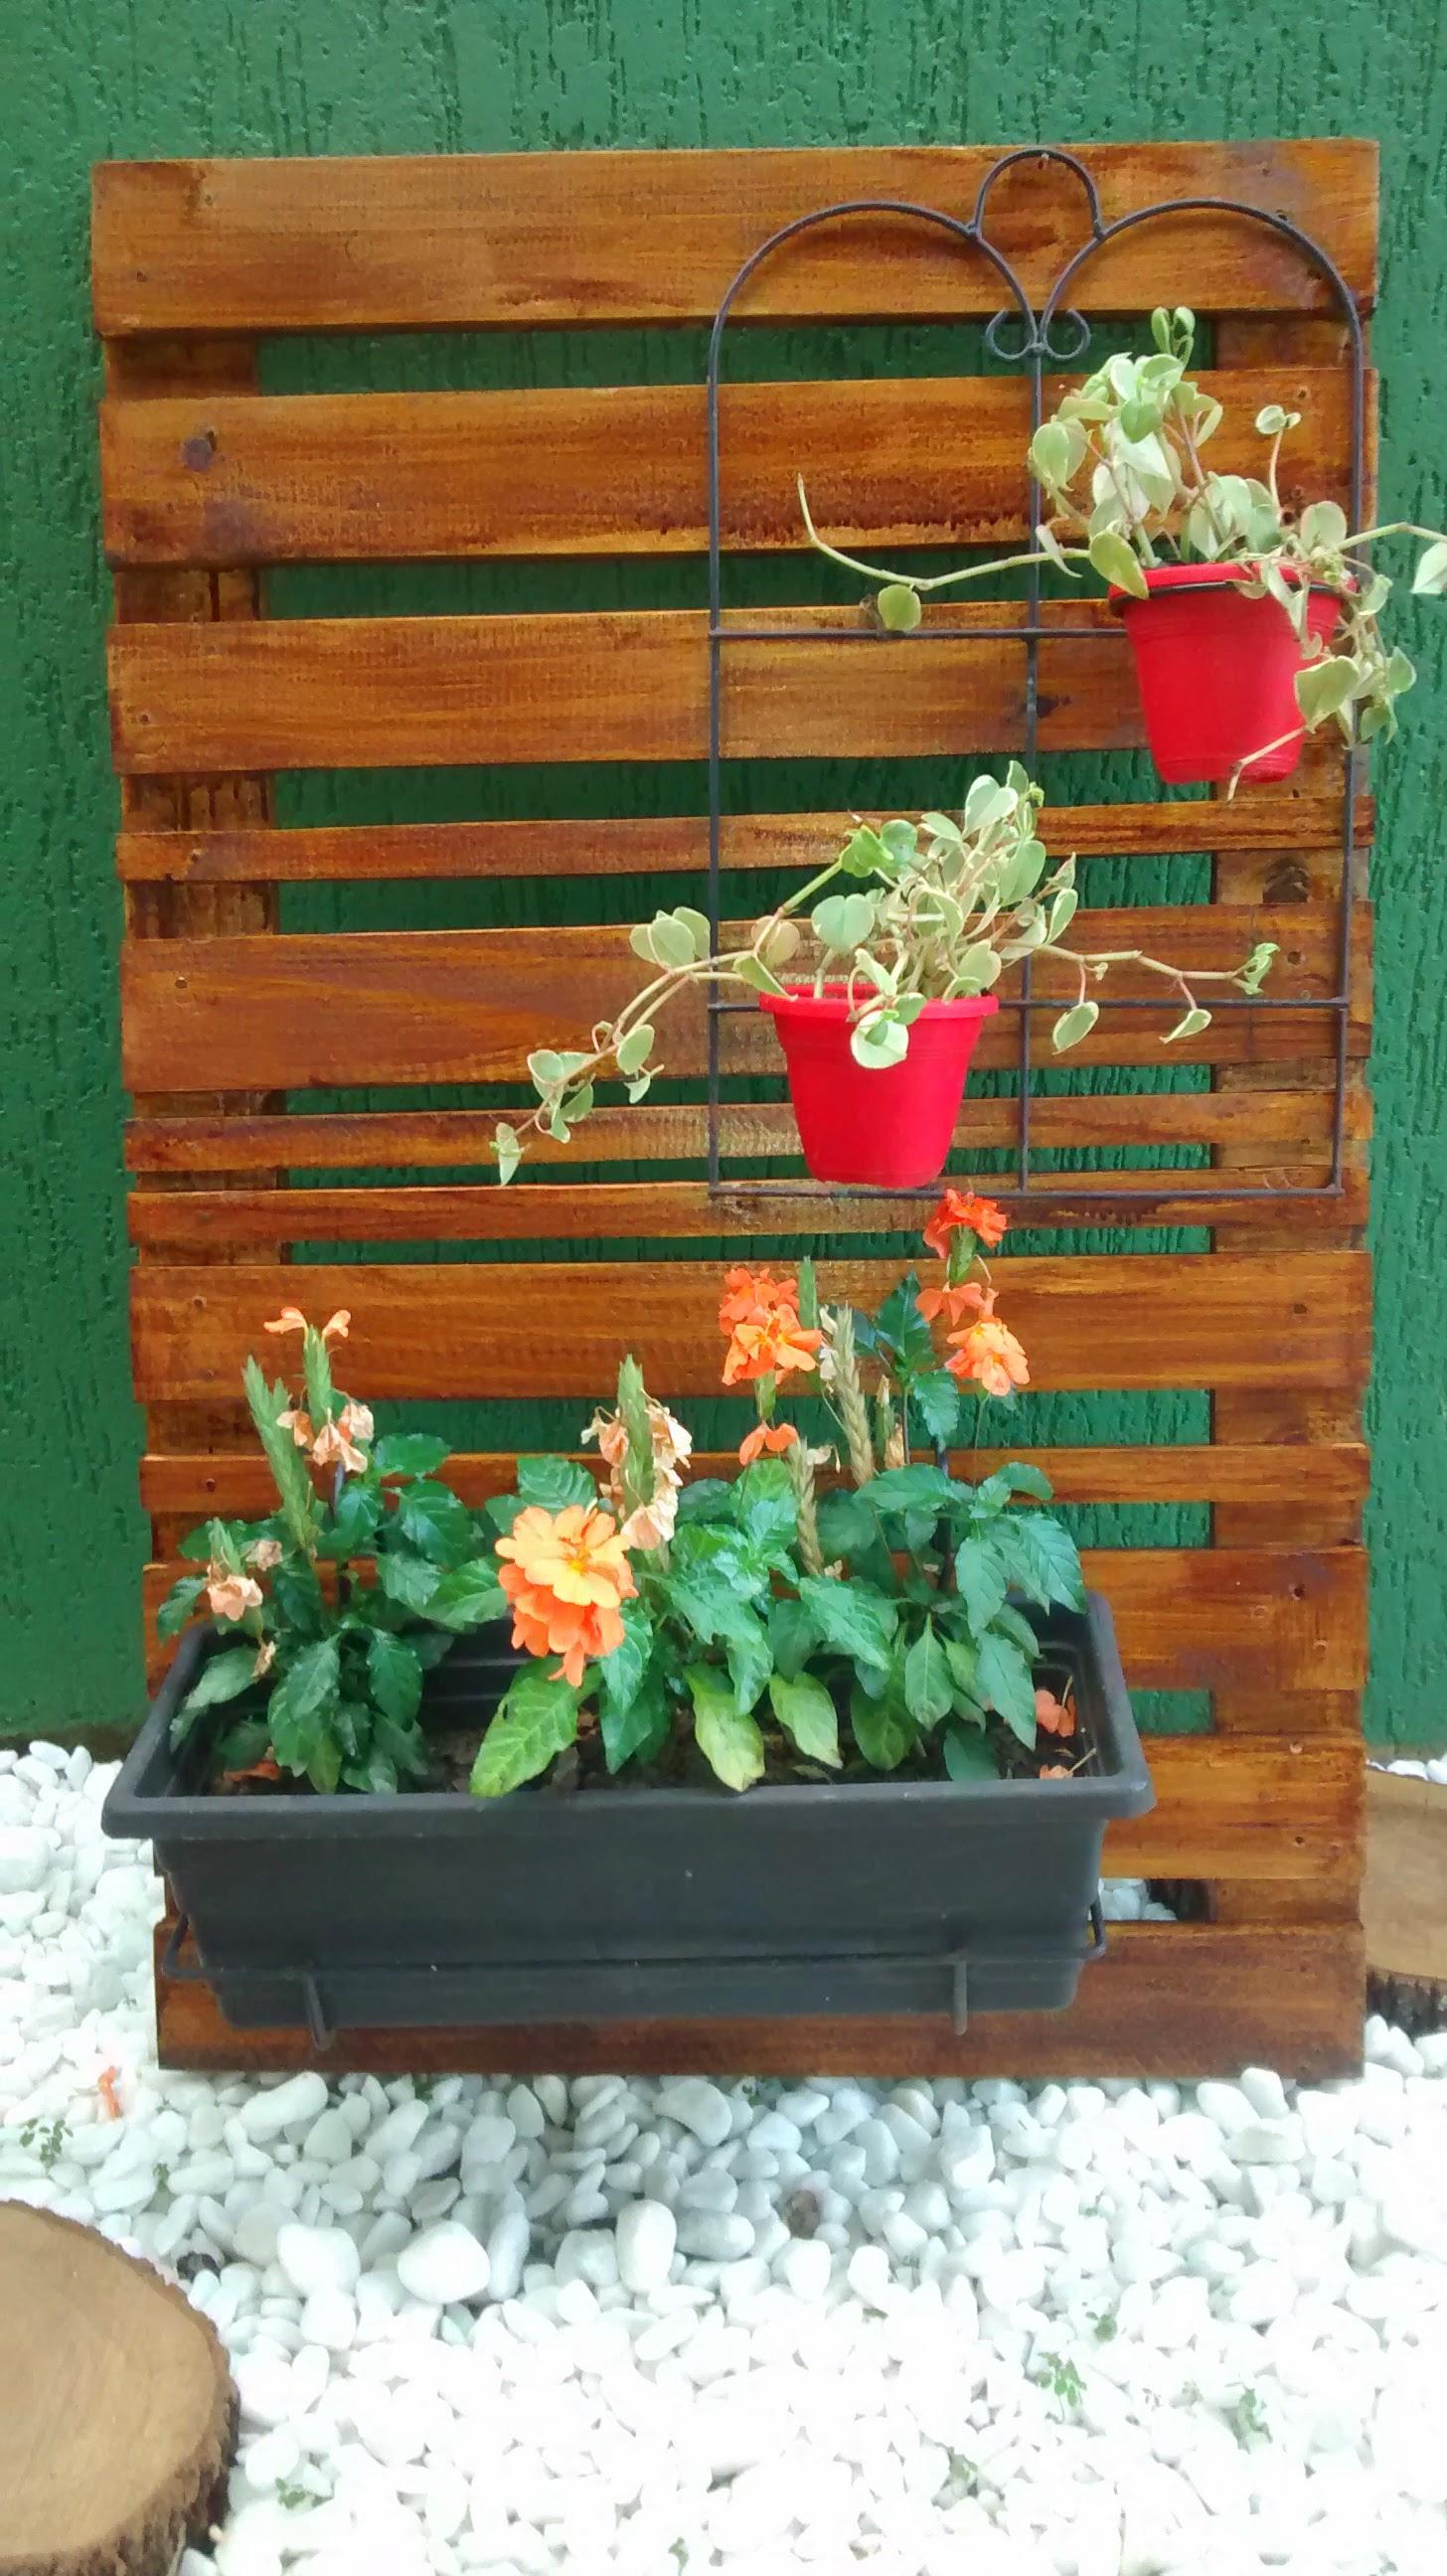 deck de parede para plantas e flores suporte de plantas #864620 1456x2592